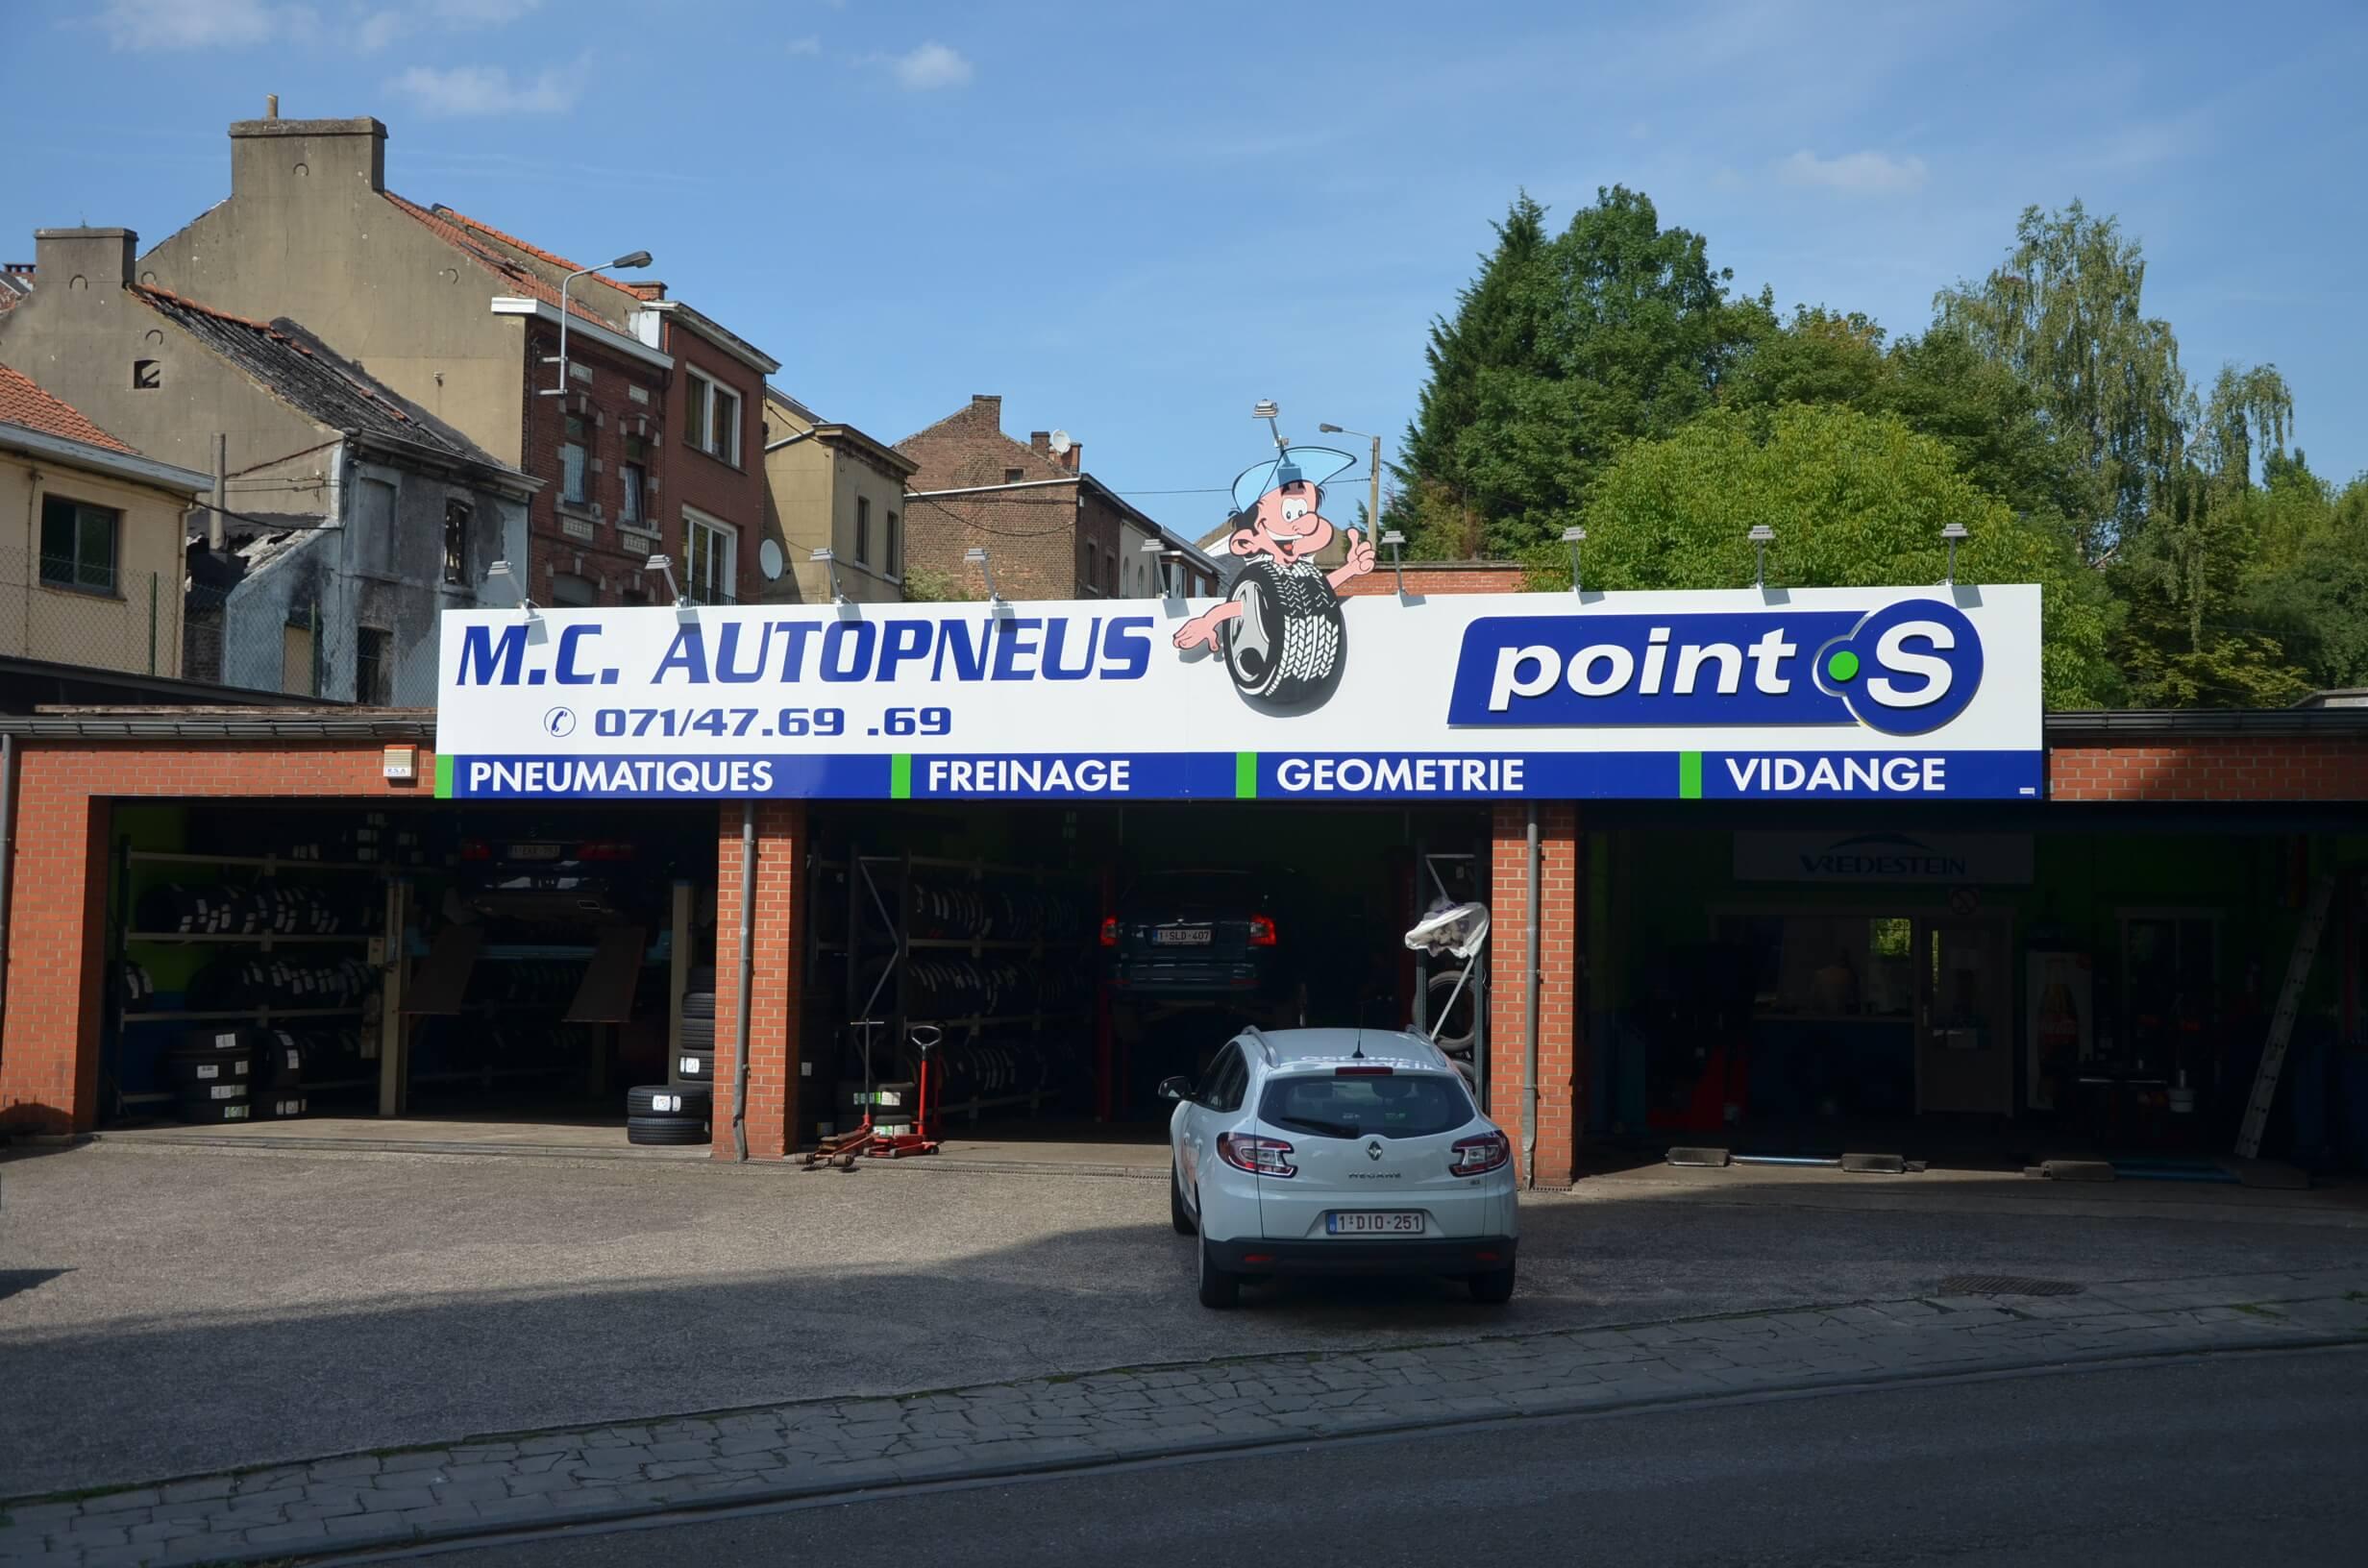 Le centre Point S à Couillet: MC AUTO PNEUS SPRL